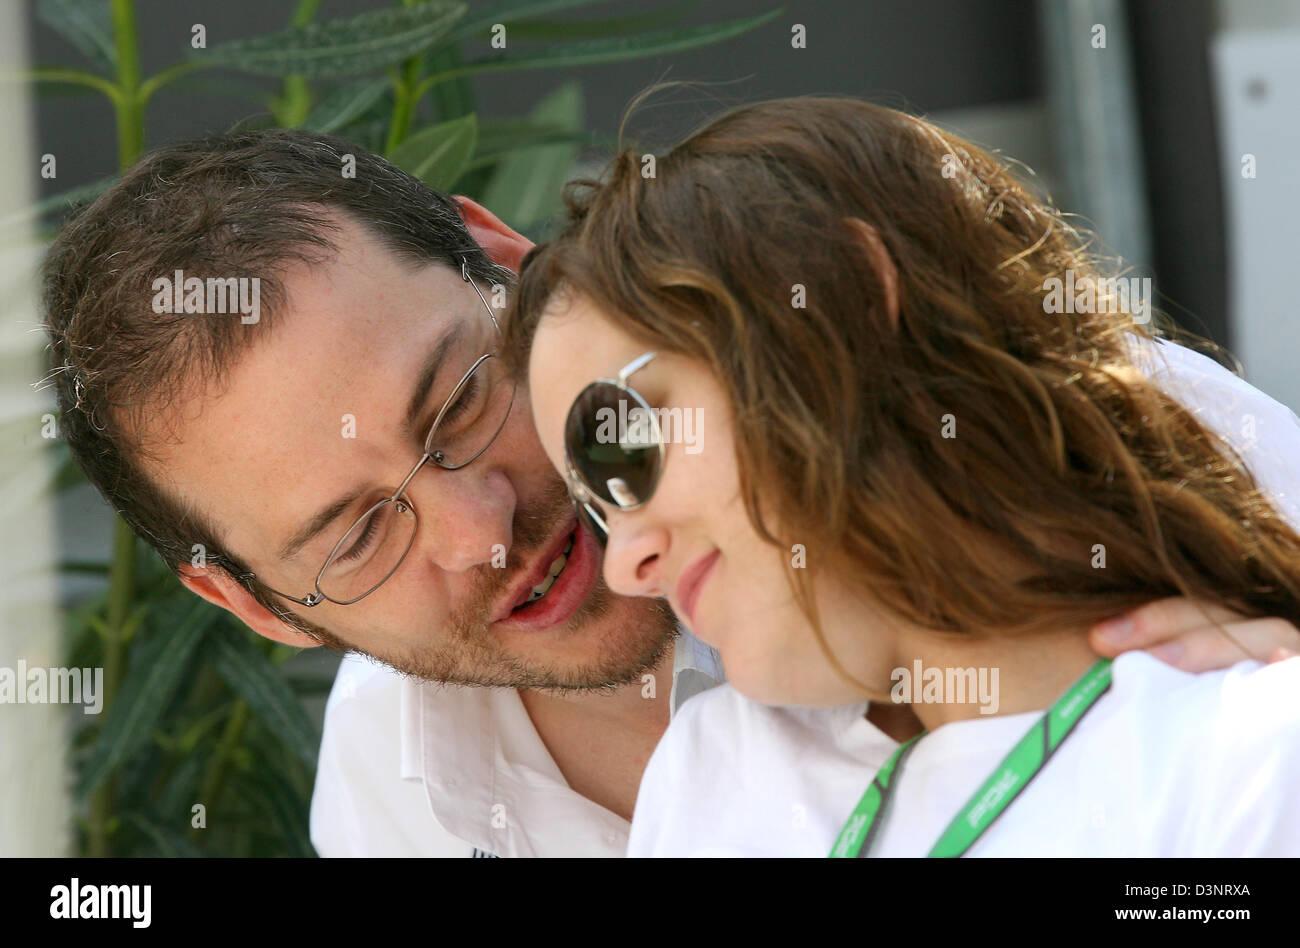 Jacques Villeneuve Stock Photos Amp Jacques Villeneuve Stock